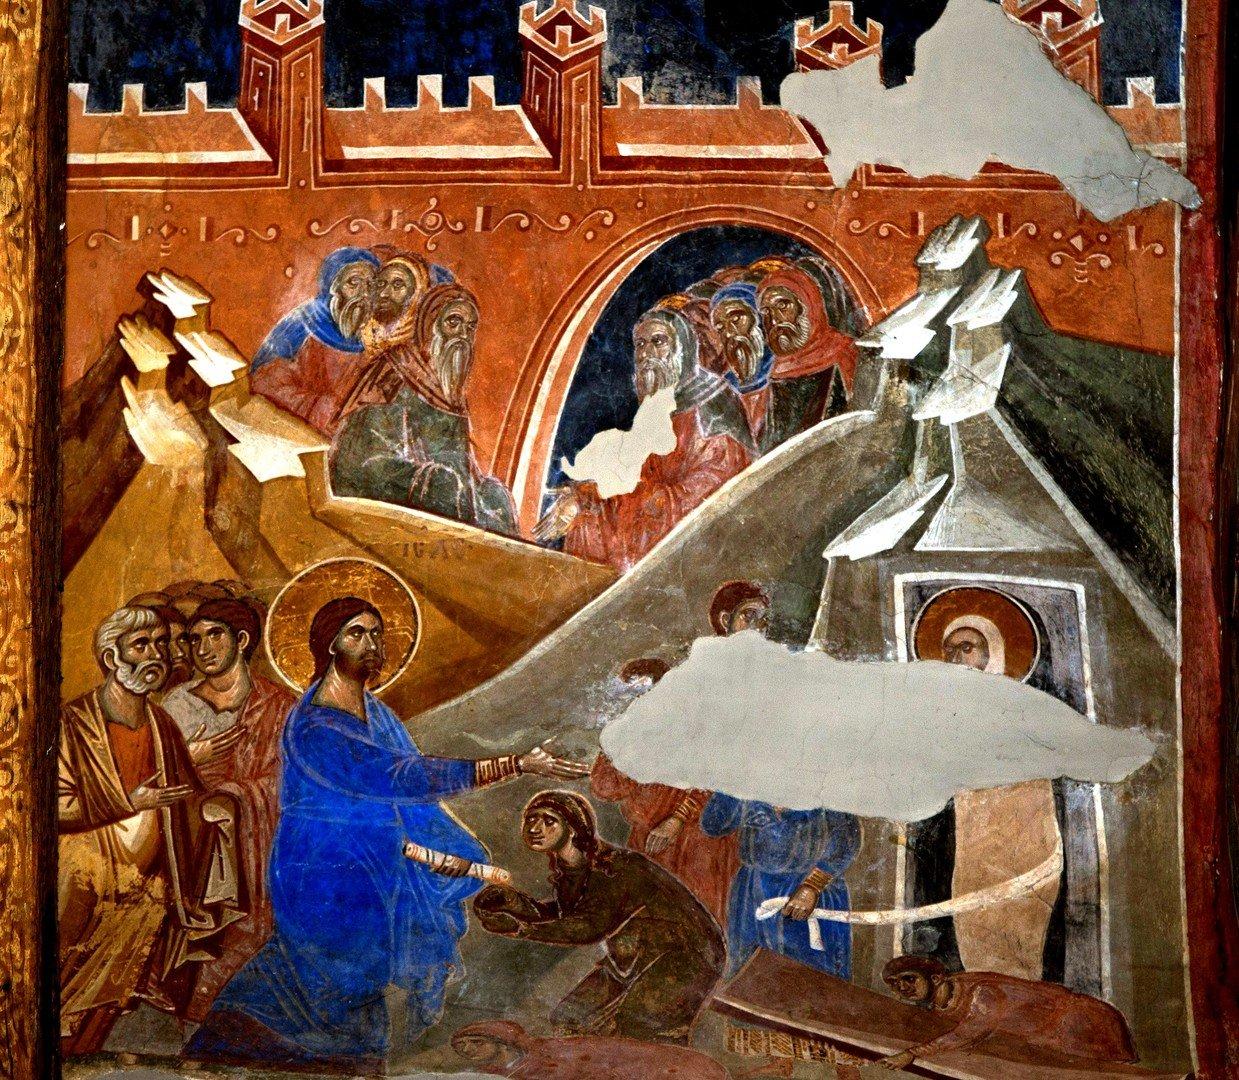 Воскрешение Праведного Лазаря. Фреска церкви Св. Димитрия в Марковом монастыре близ Скопье, Македония. Около 1376 года.